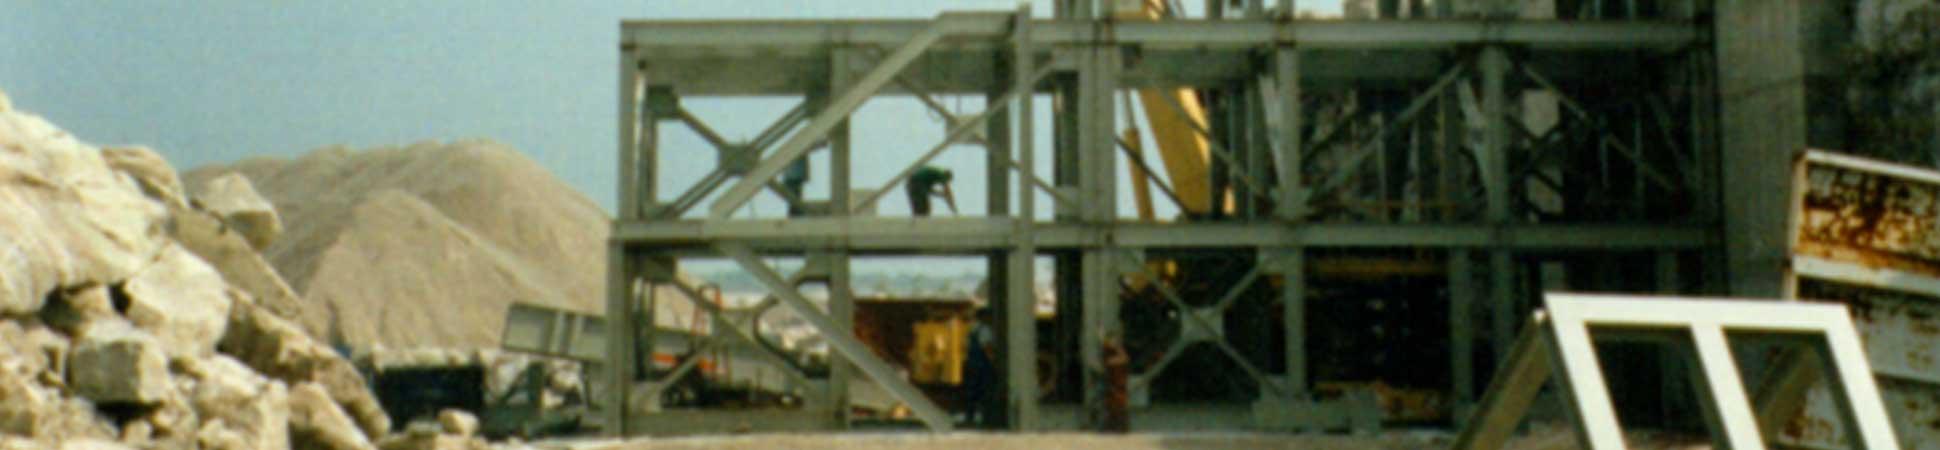 home-rotator-crane